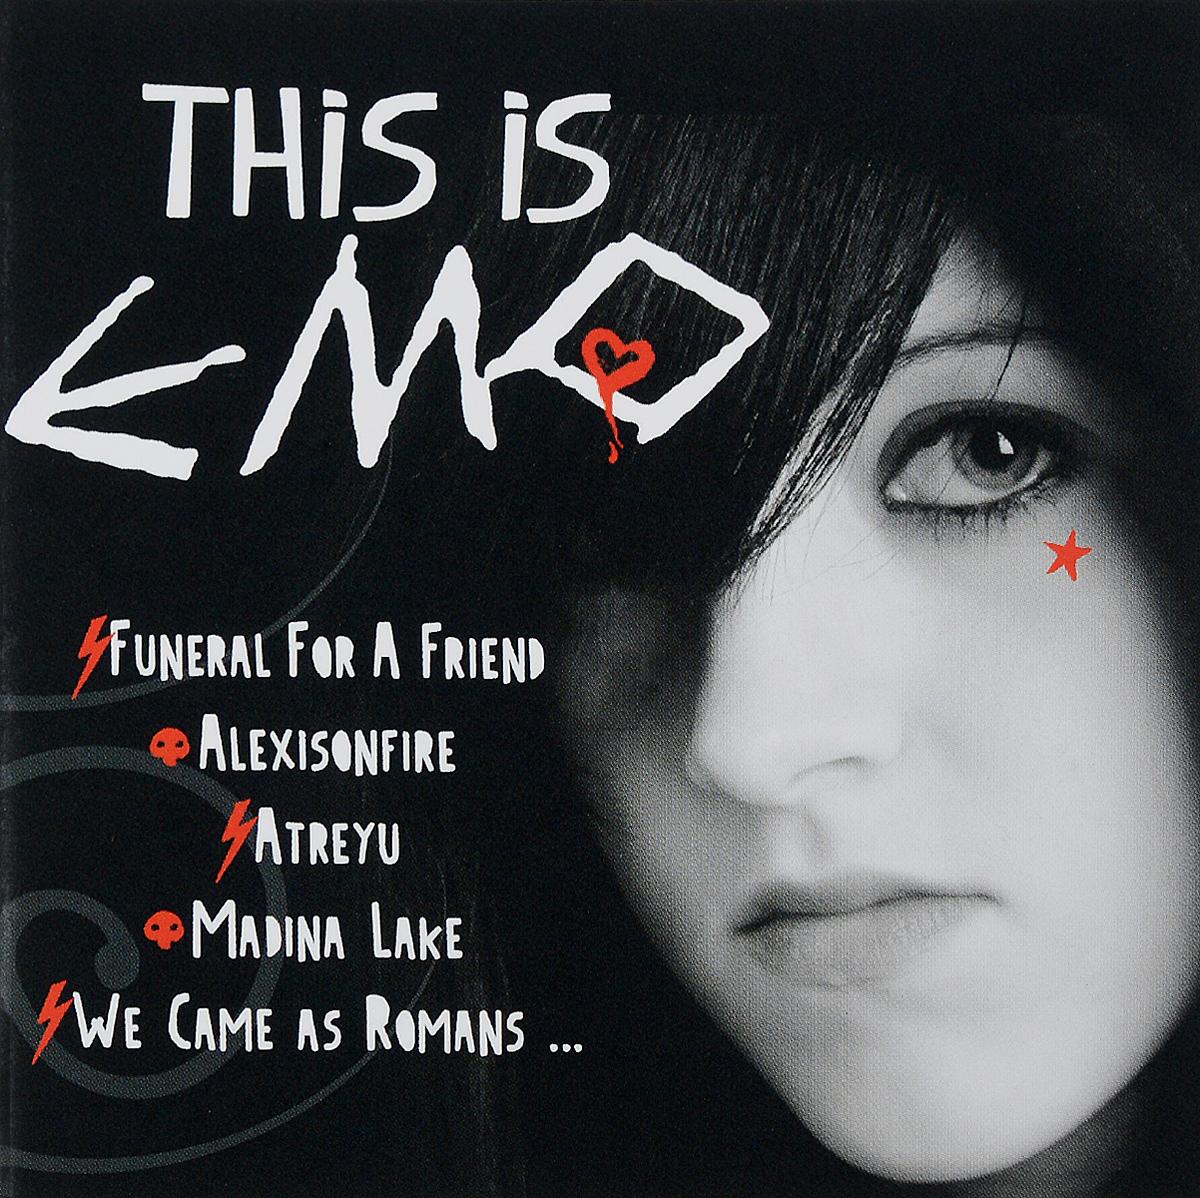 This Is Emo emo 02 композиция из натуральных орхидей